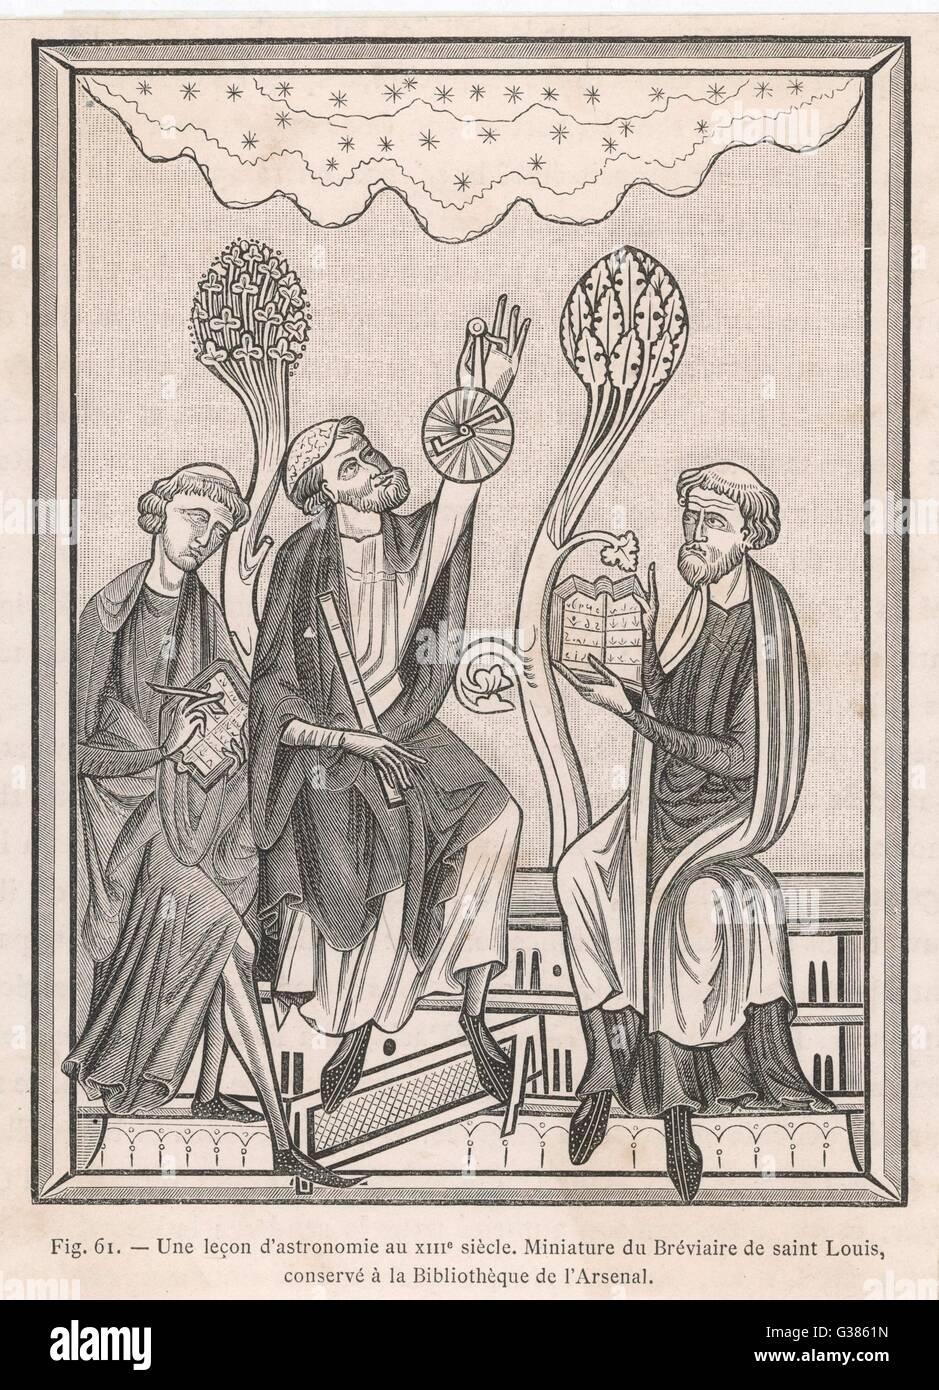 Osservando il cielo con strumenti primitivi Data: XIII secolo Immagini Stock